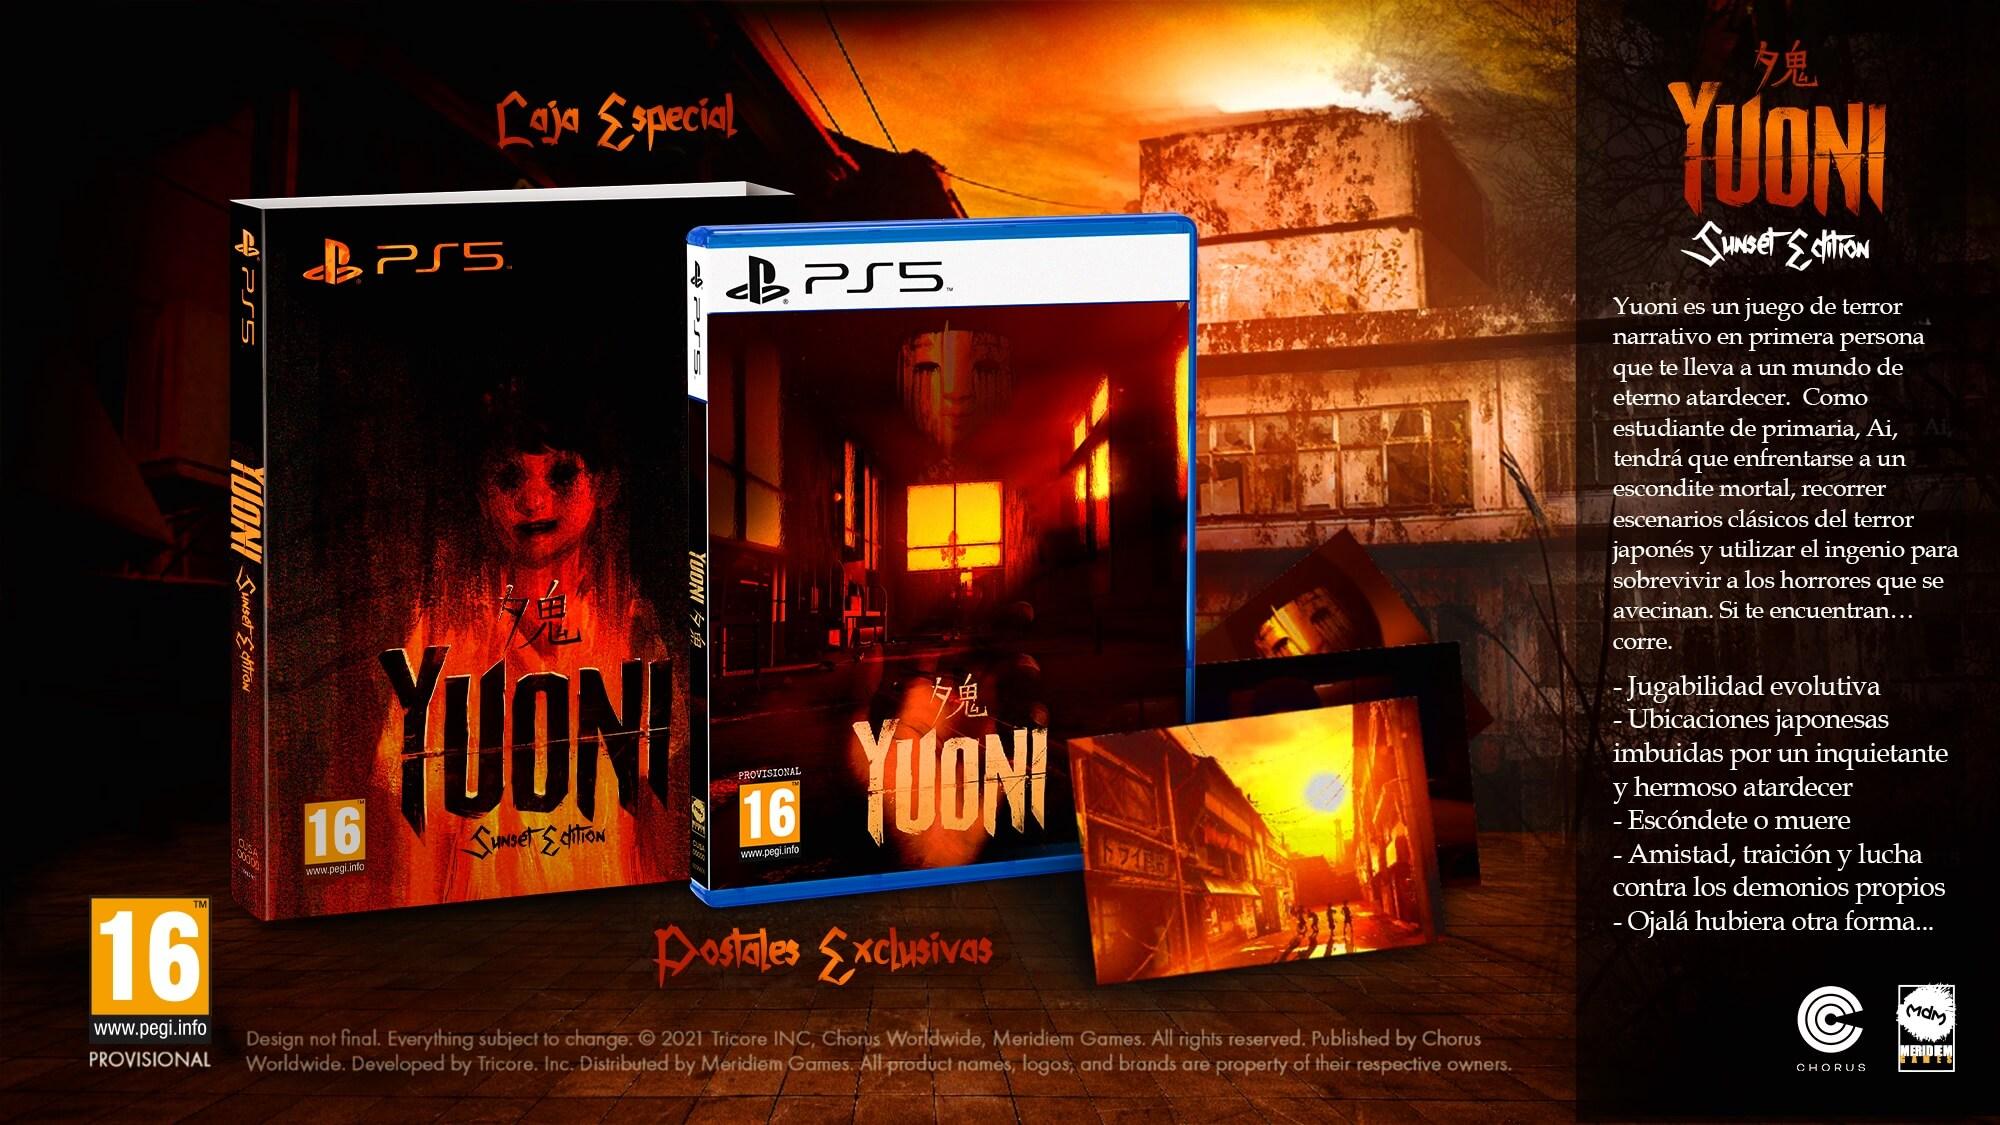 El terror japonés de Yuoni llegará en formato físico a PS5 en diciembre